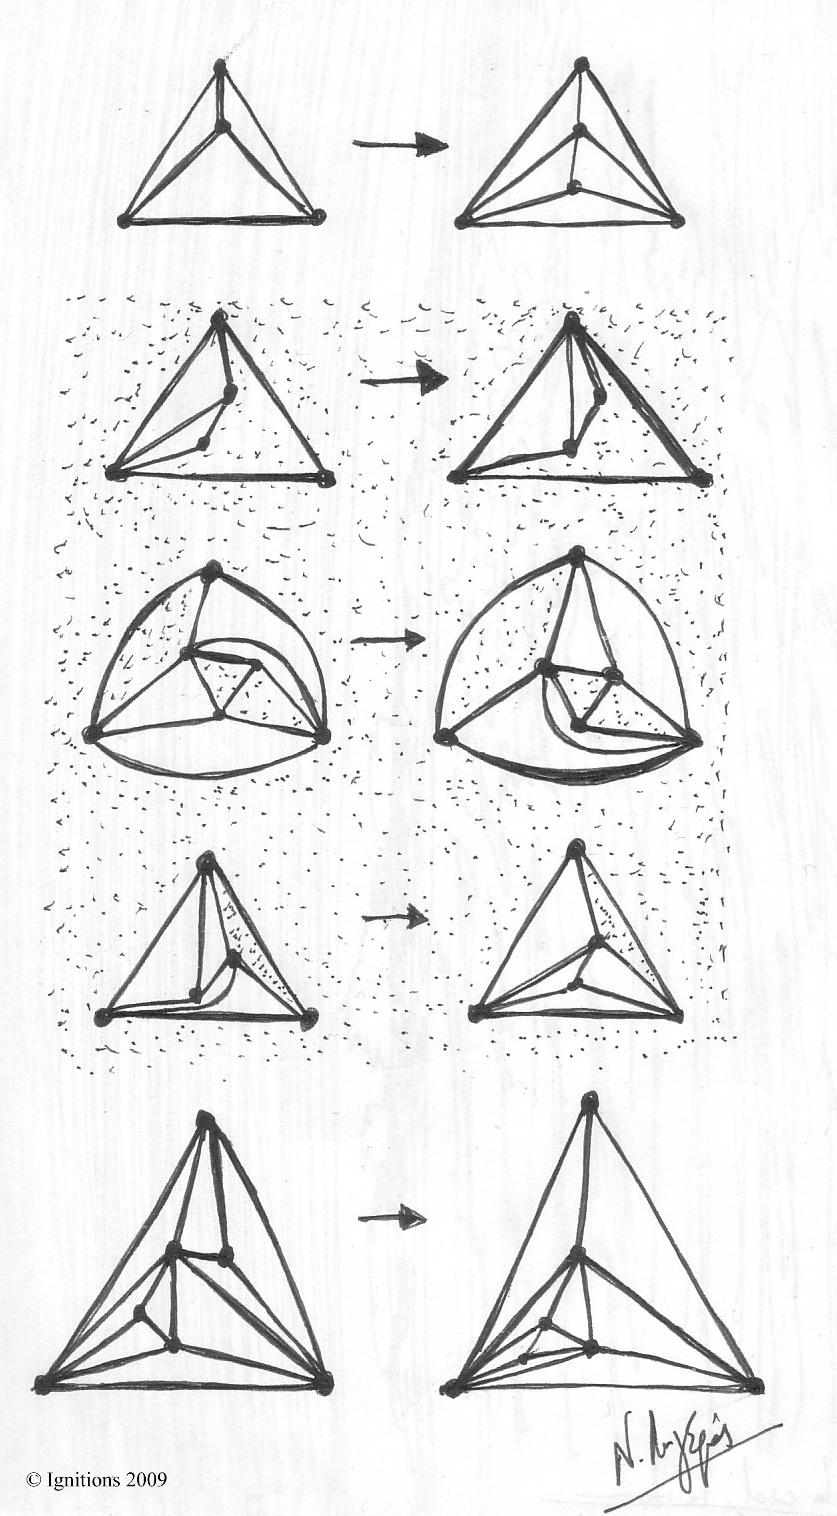 Opérations deltaédriques, Etude mathématique.